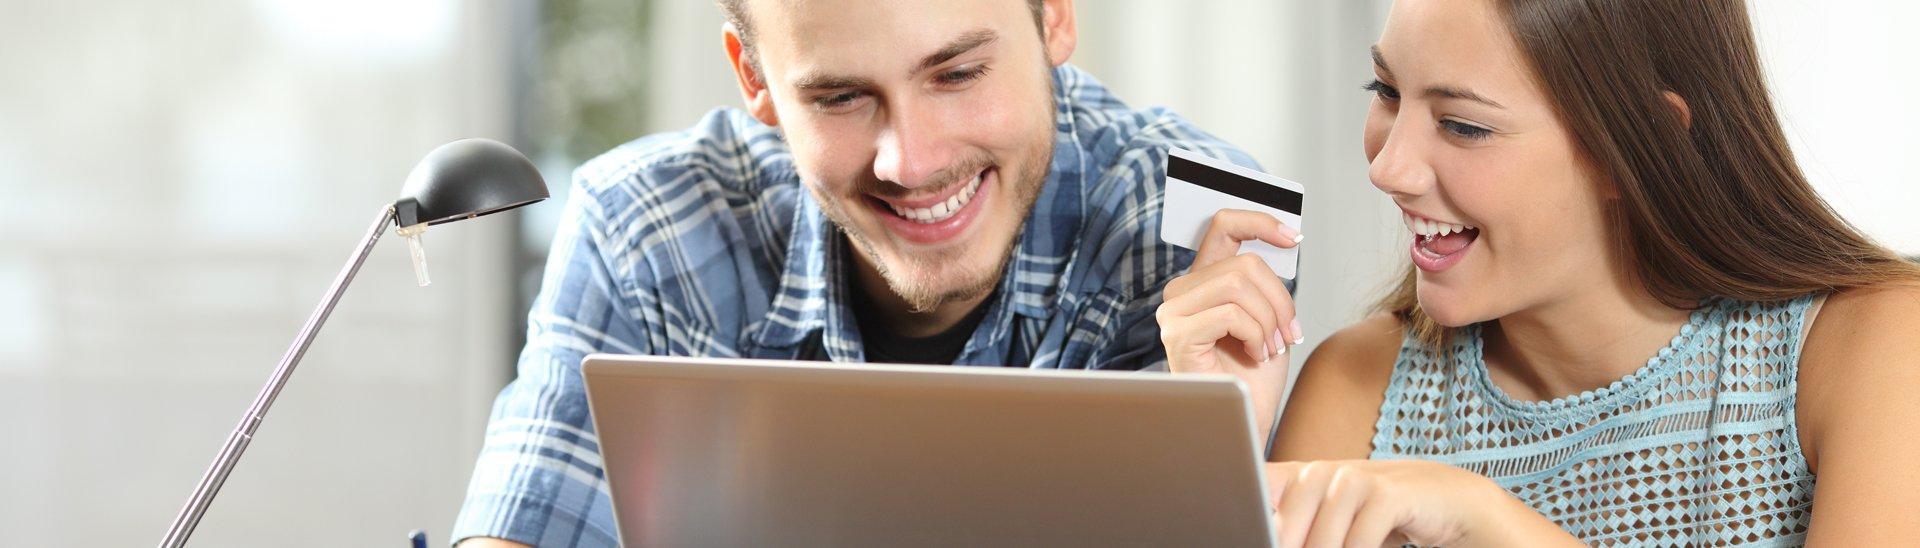 comercio electrónico en el día sin iva